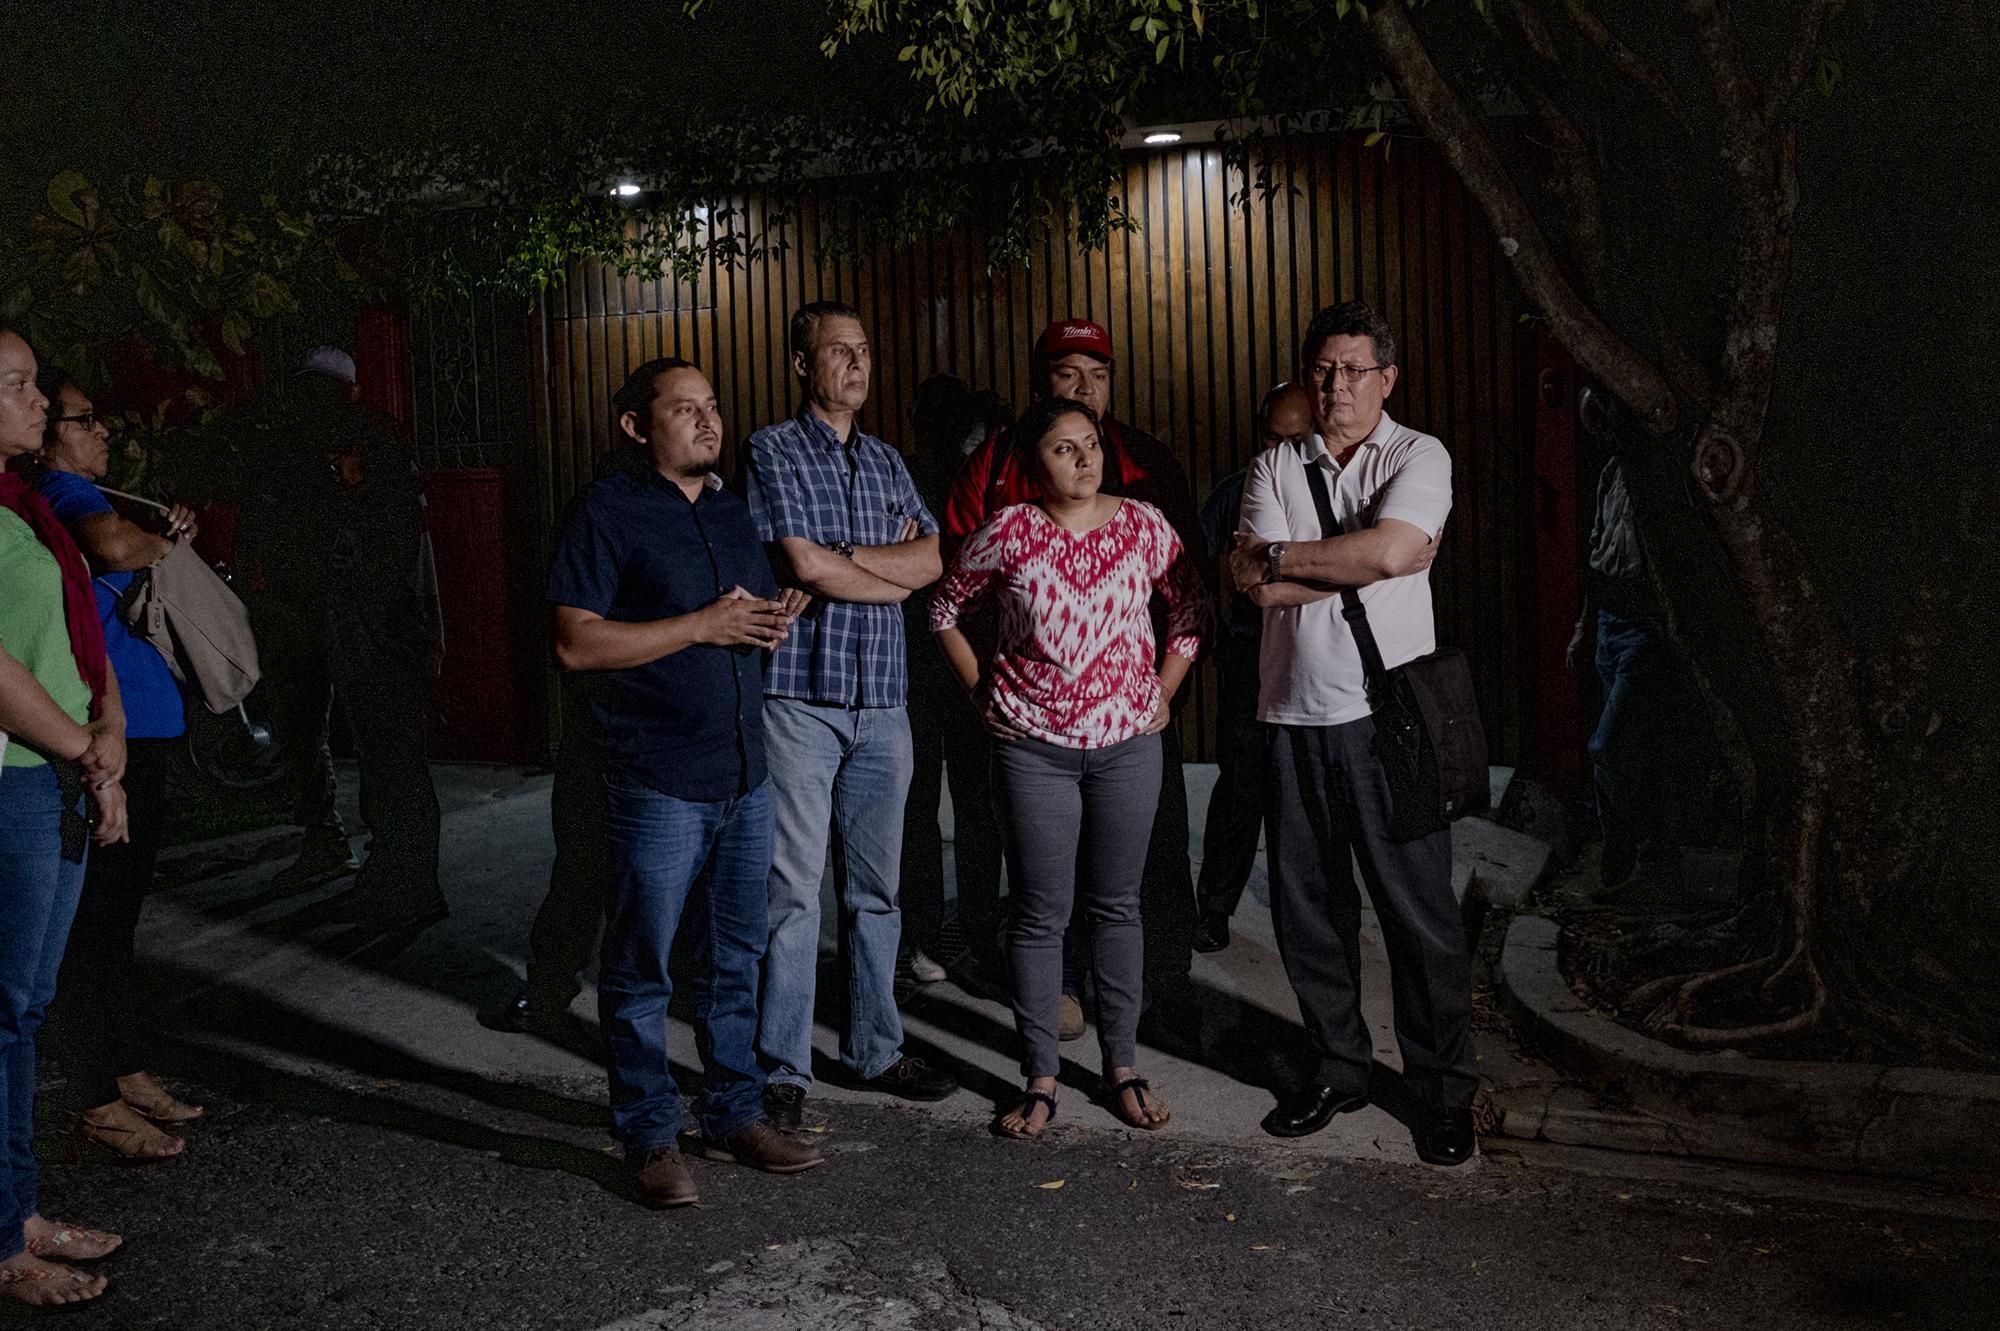 Militantes del partido FMLN dan declaraciones a la prensa minutos después que Susy Rodríguez, esposa de Sigfrido reyes, fuera arrestada por la PNC. Los efemelenistas aseguran que esto se trata de una persecución política.9 de enero de 2020. Fred Ramos